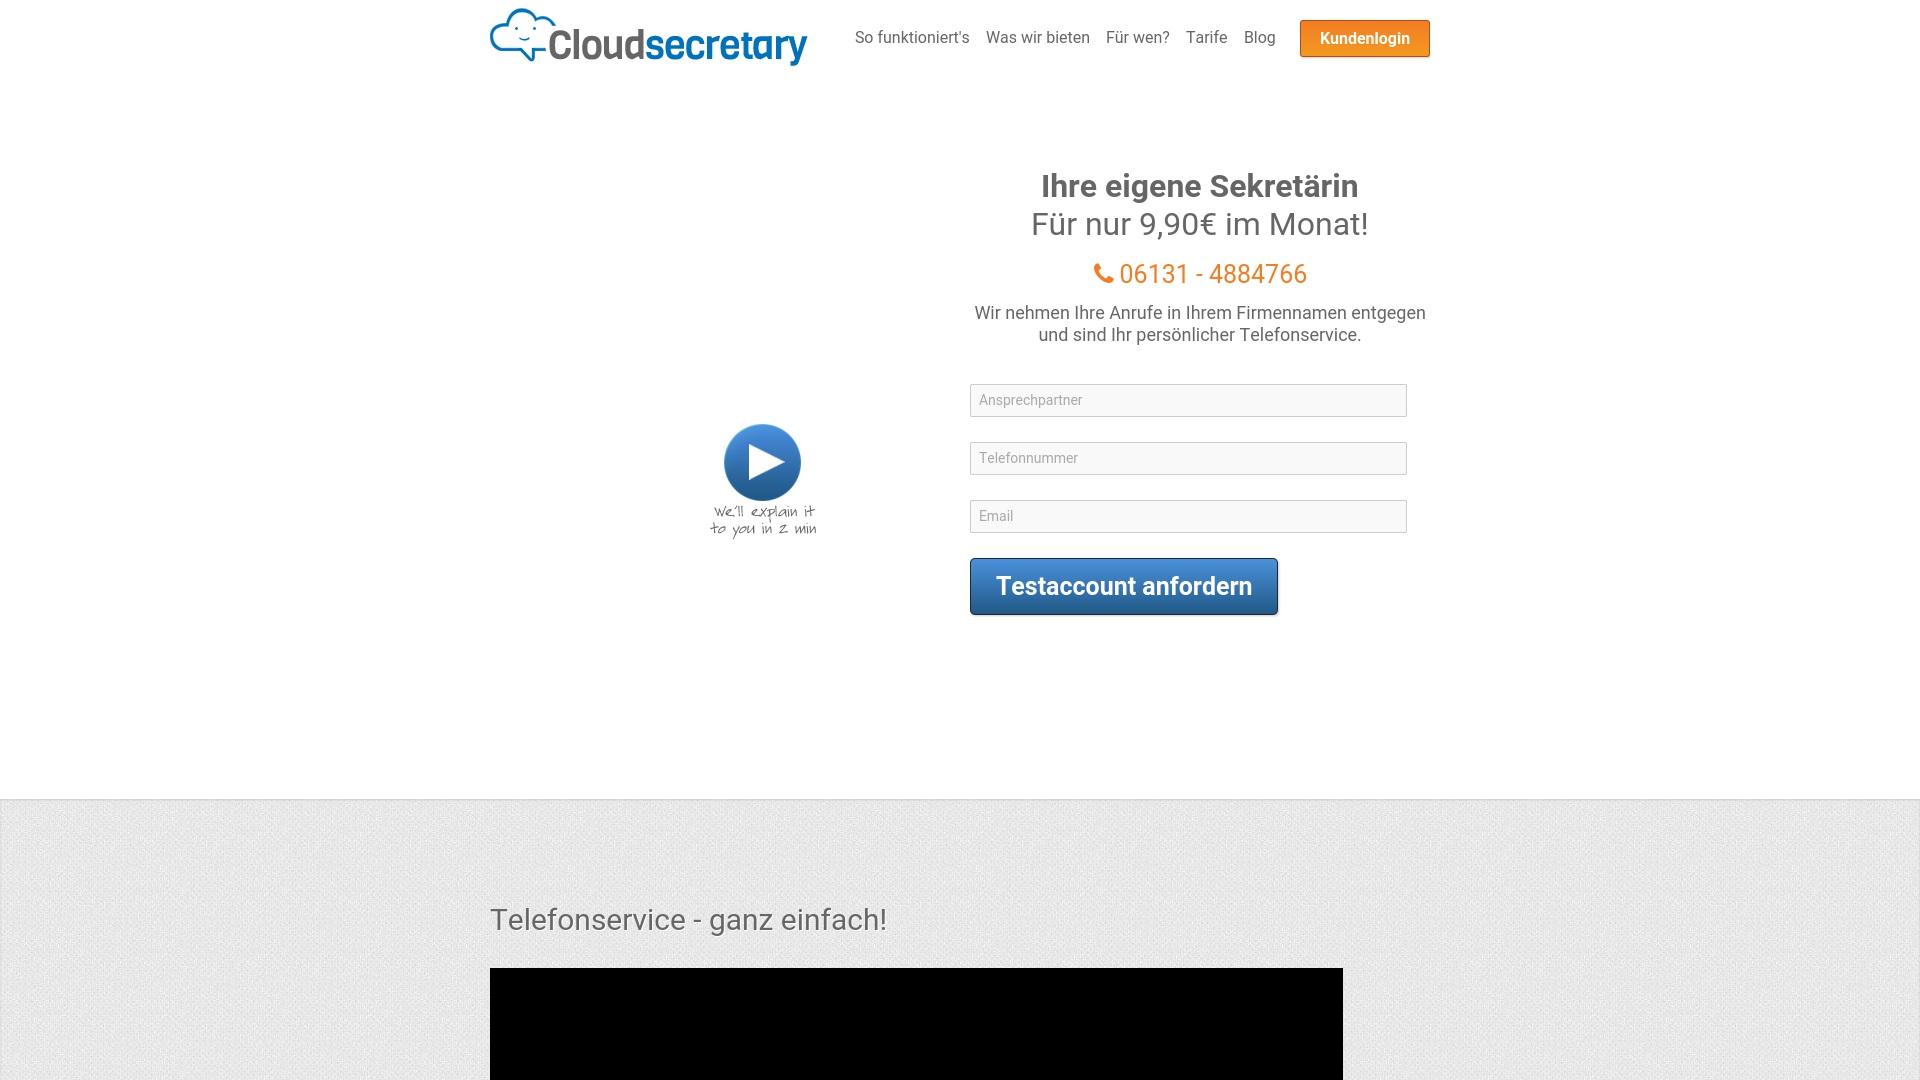 Gutschein für Cloudsecretary: Rabatte für  Cloudsecretary sichern